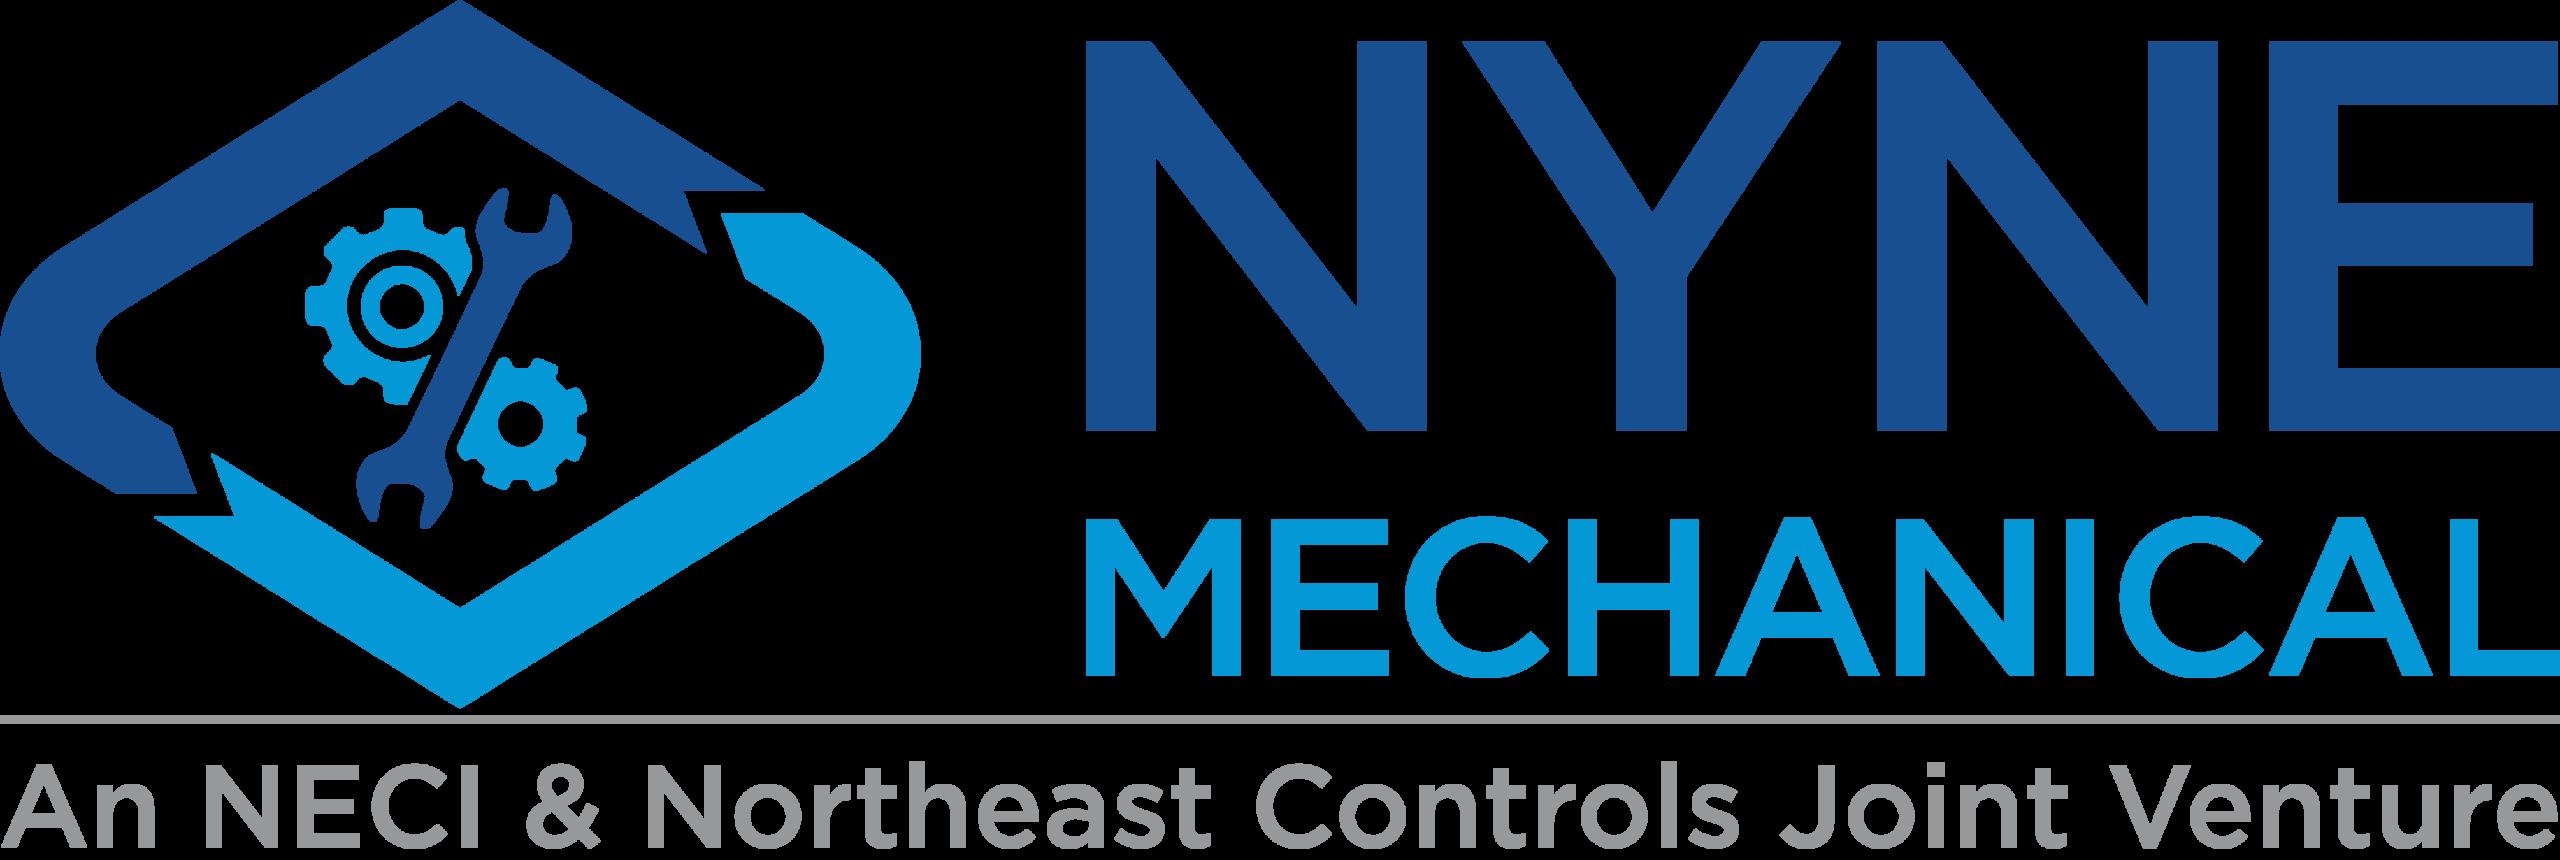 NYNE Mechanical